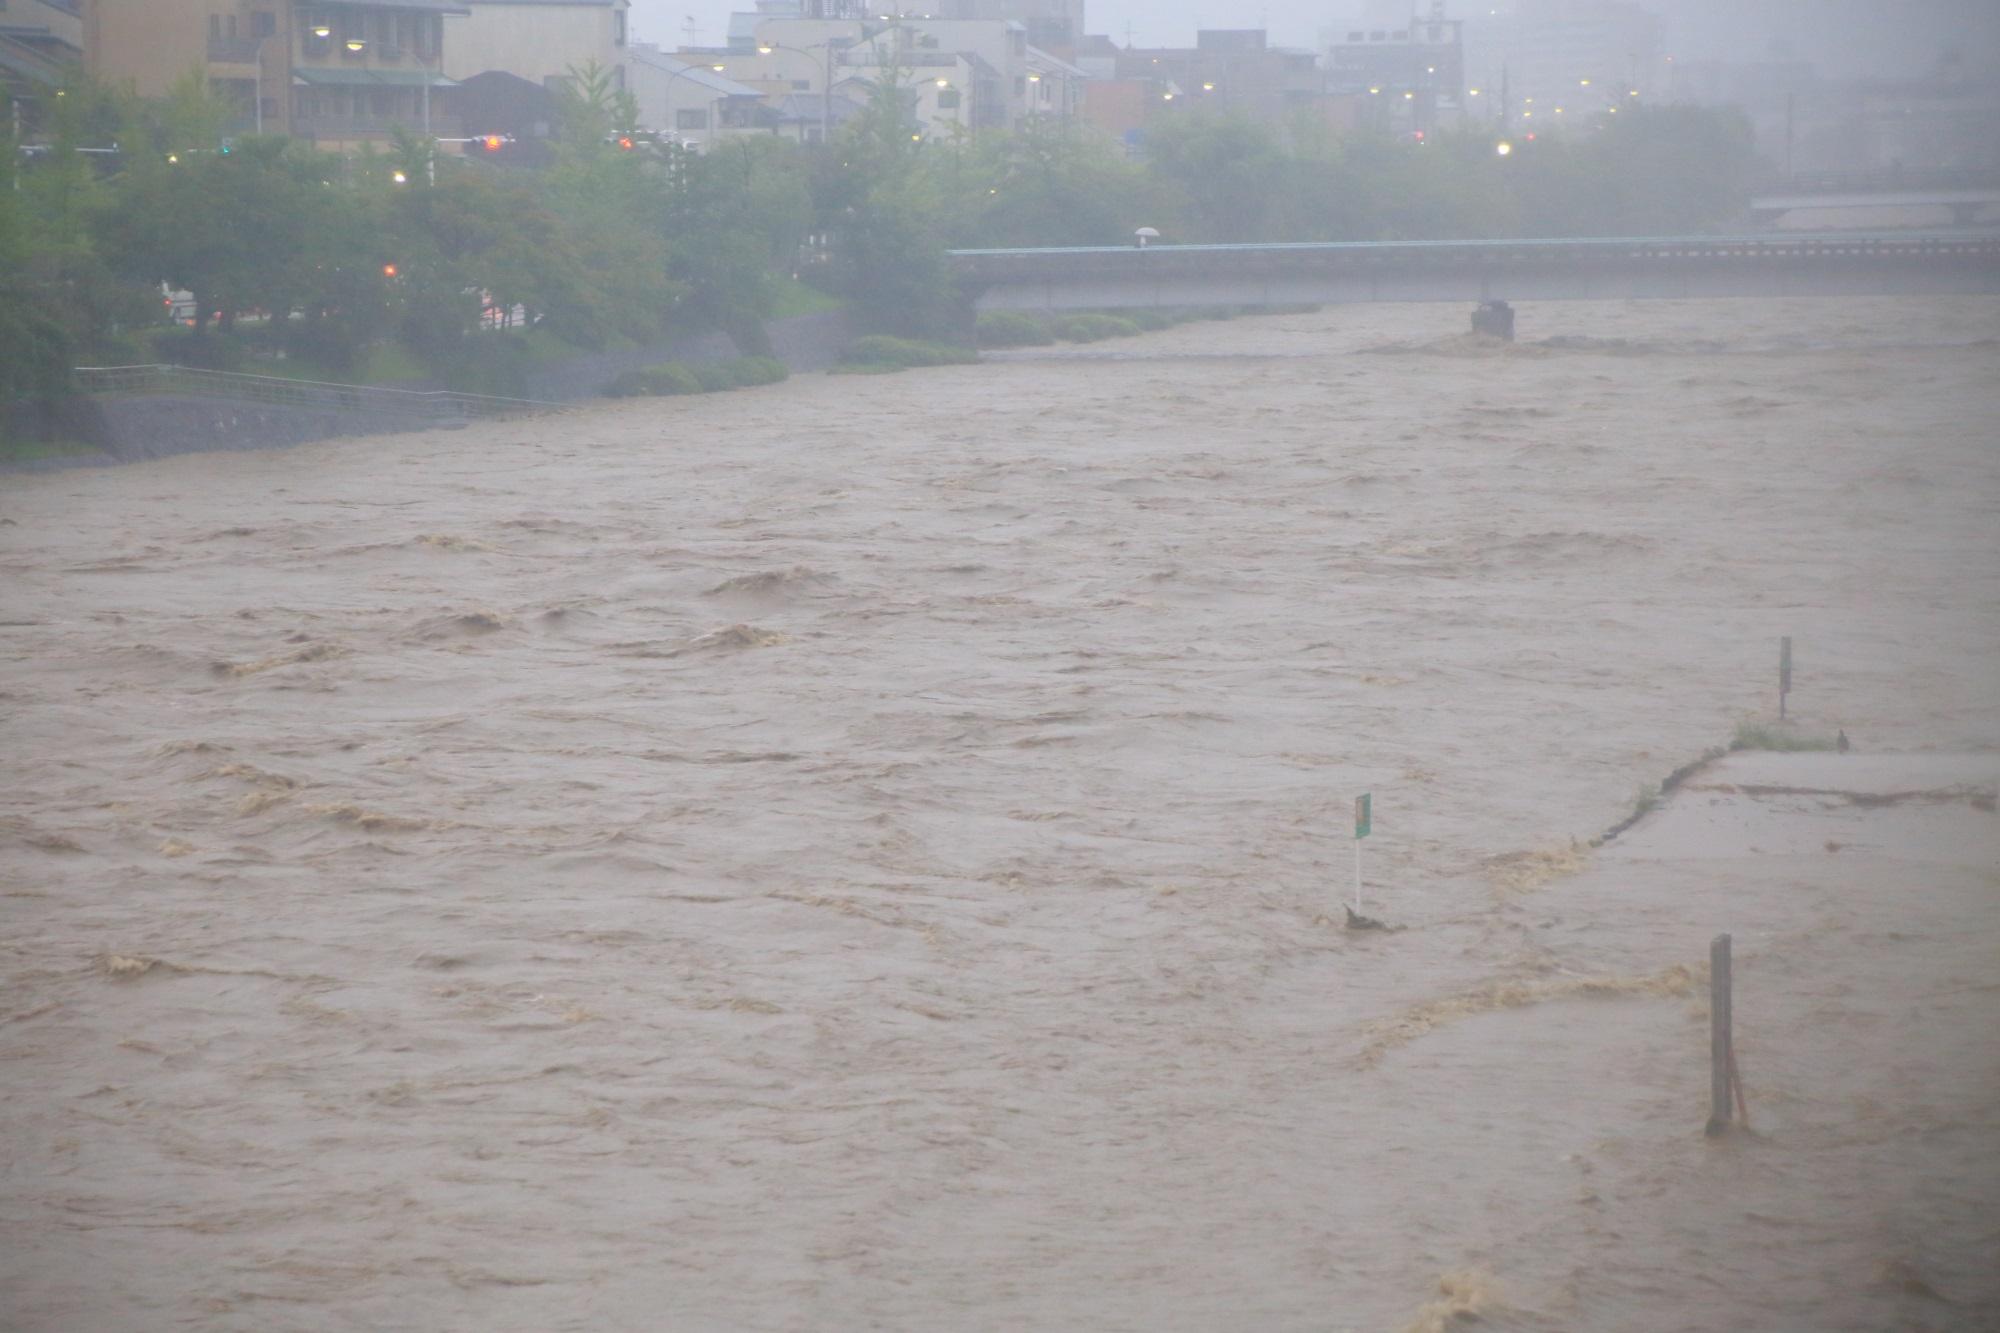 溢れ出しそうな大量の水が下流へと流れていく増水した鴨川